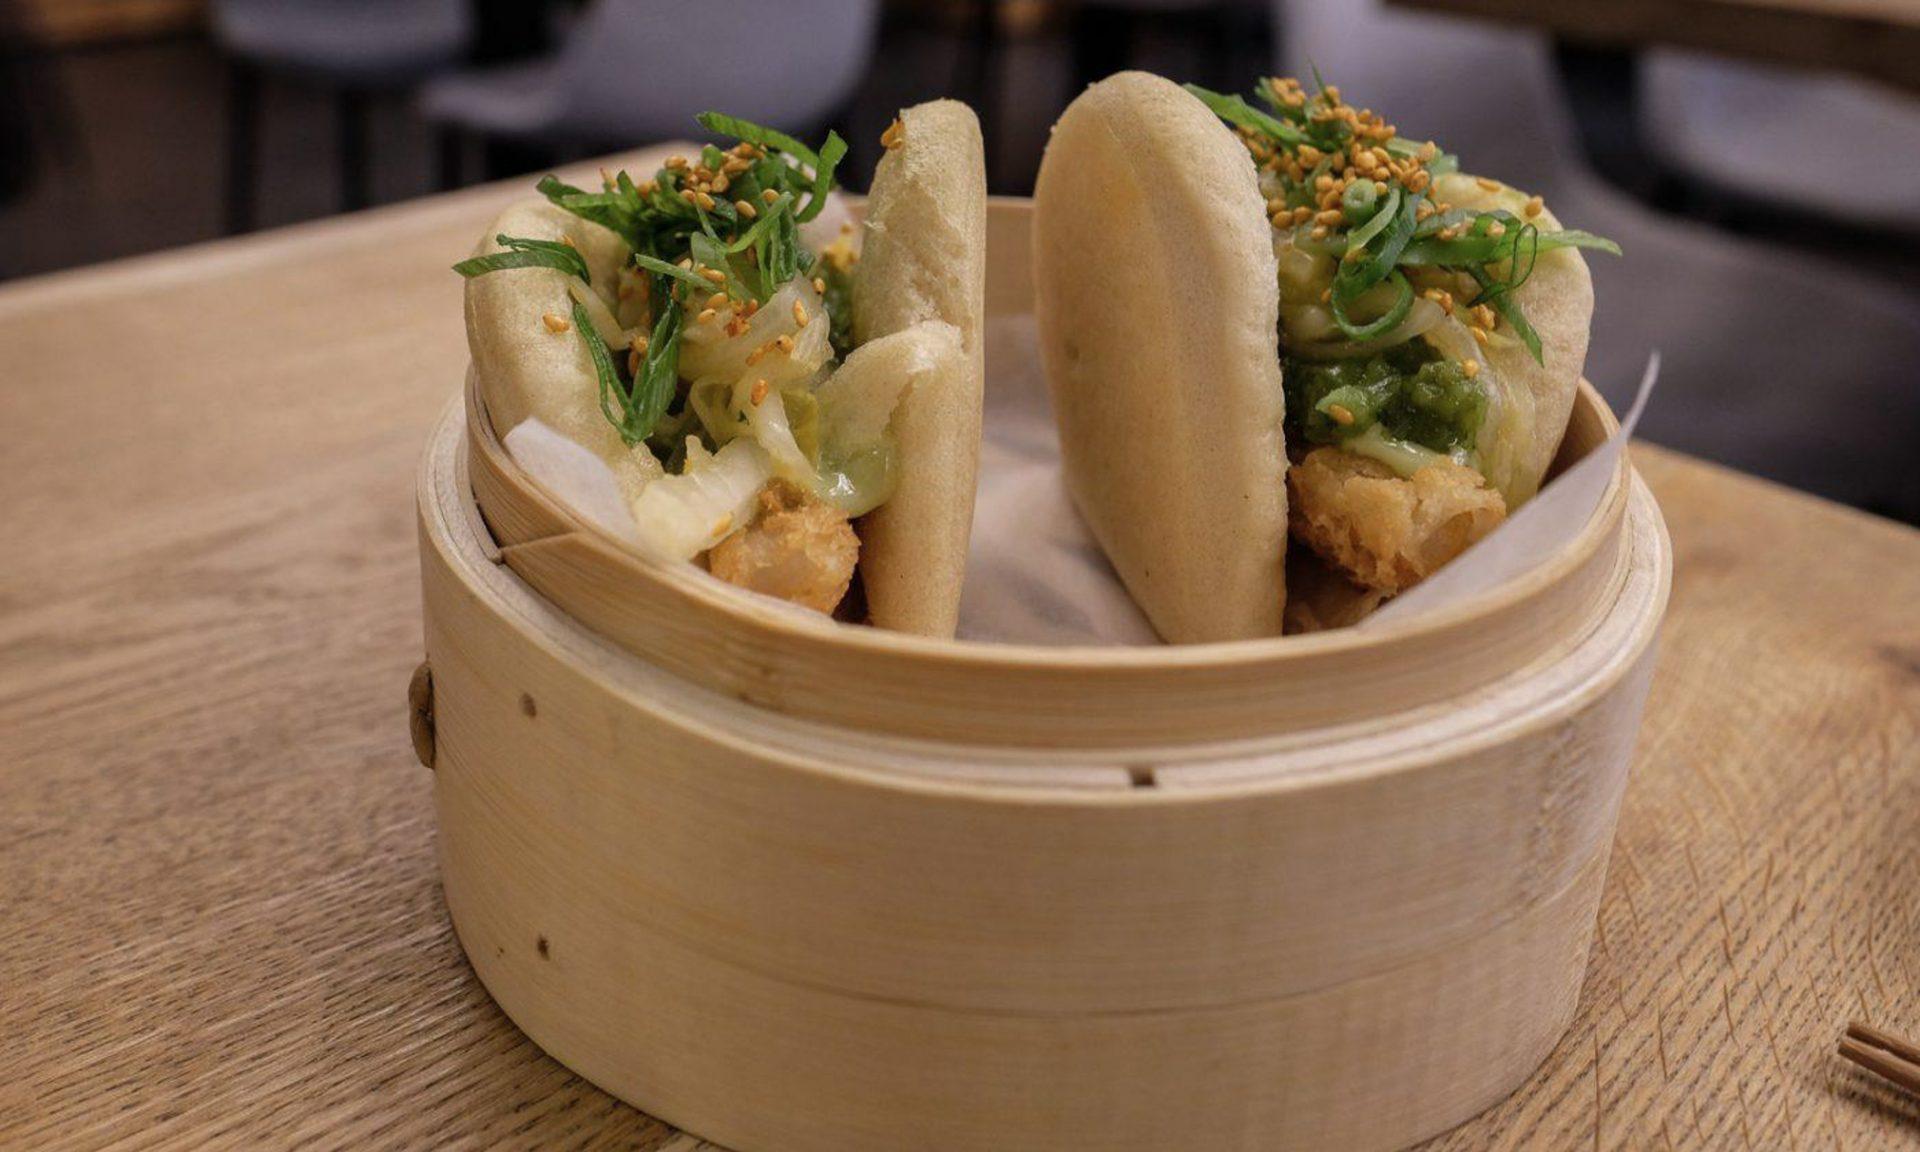 Populær restaurant udvider: Nu kan du få leveret Nams måltidskasser i hele landet